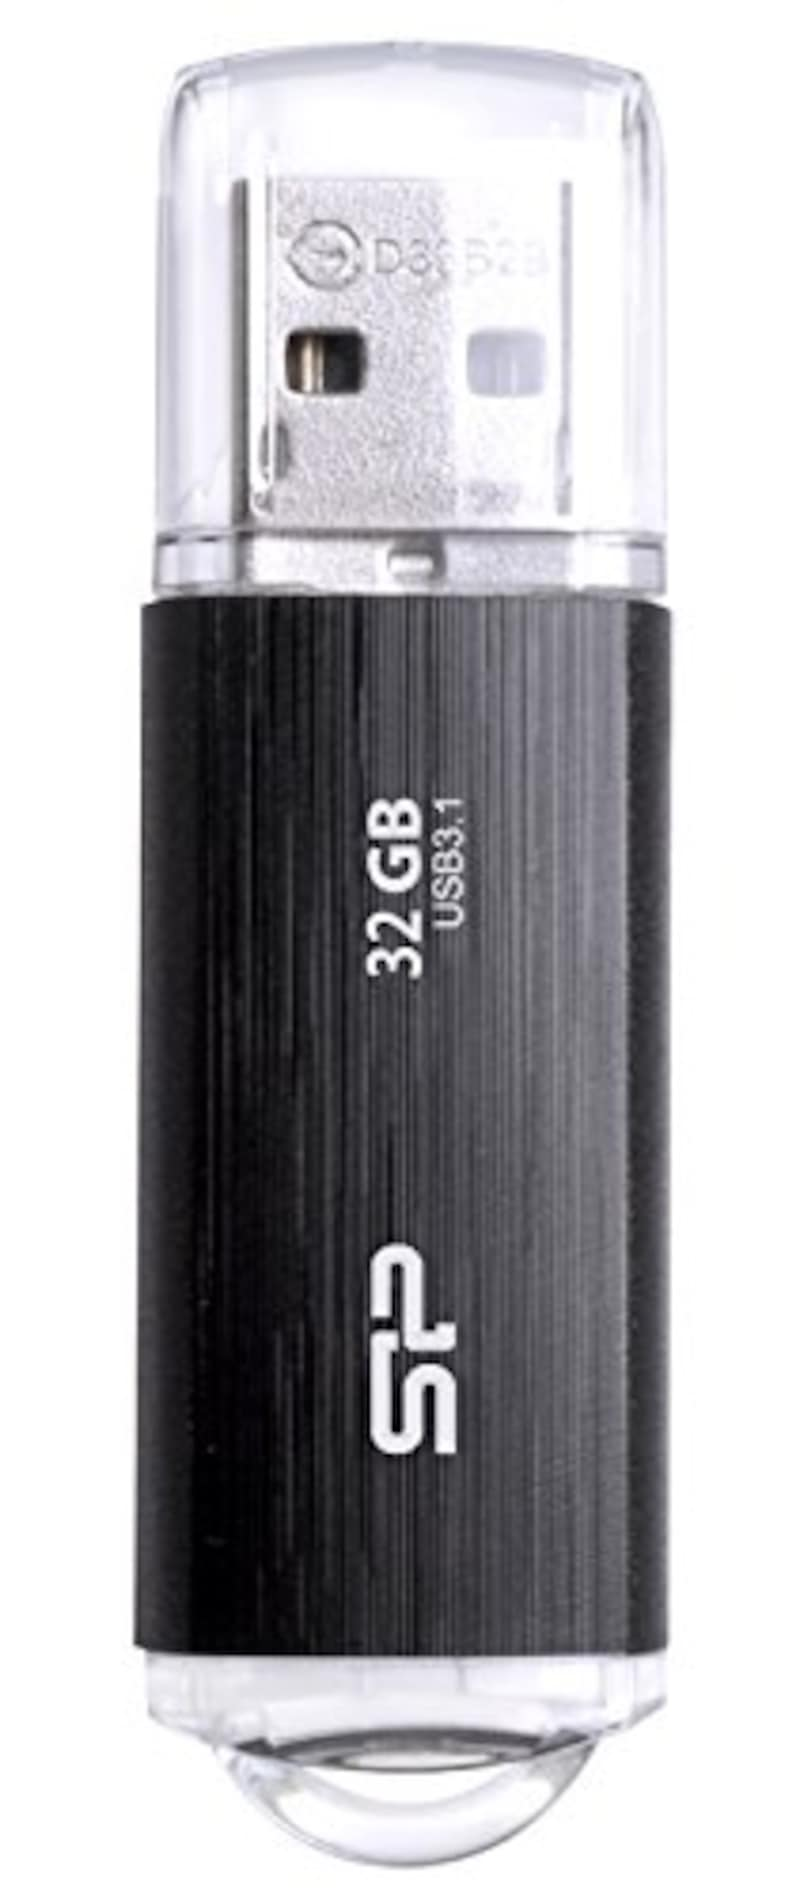 シリコンパワー(Silicon Power),USBメモリ BlazeB02 32GB,SPO32GBUF3B02V1K